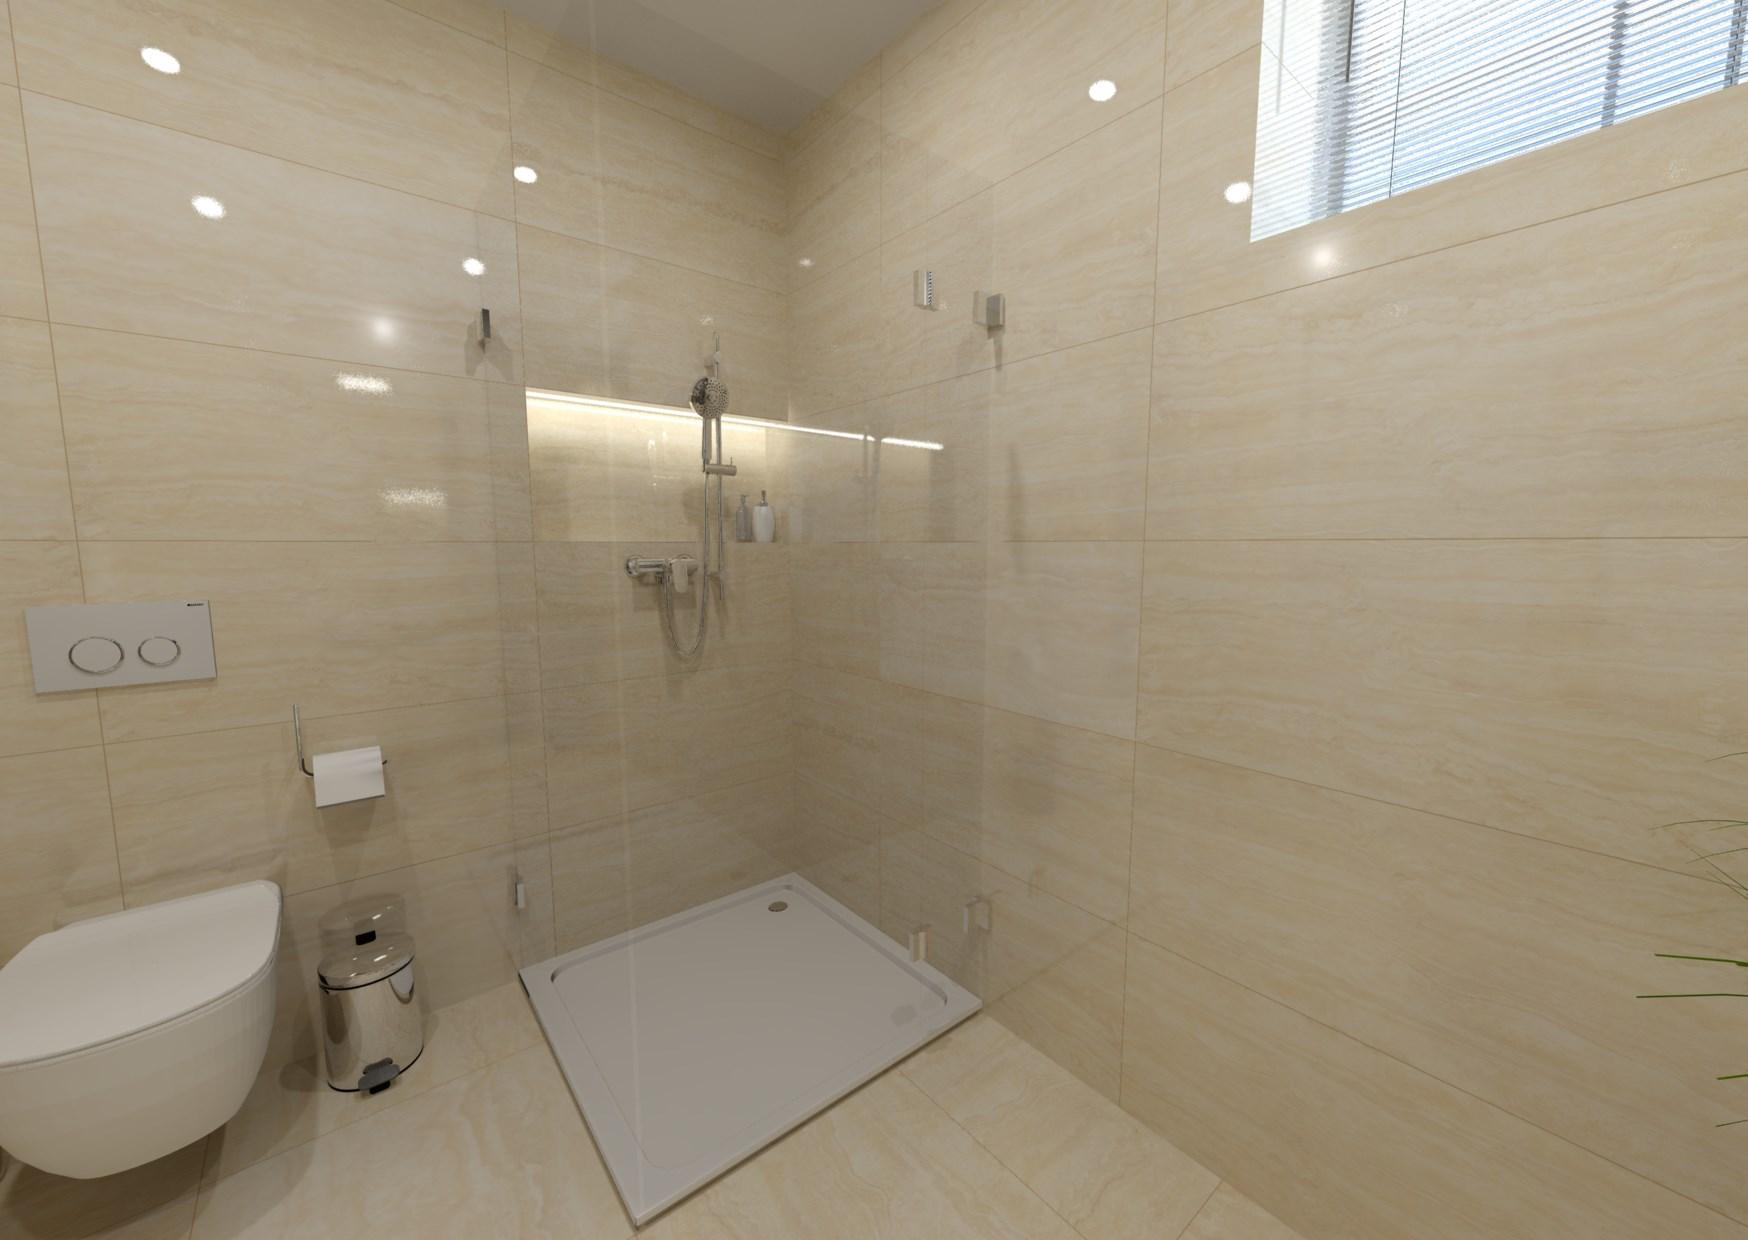 Návrh mramorové koupelny 2